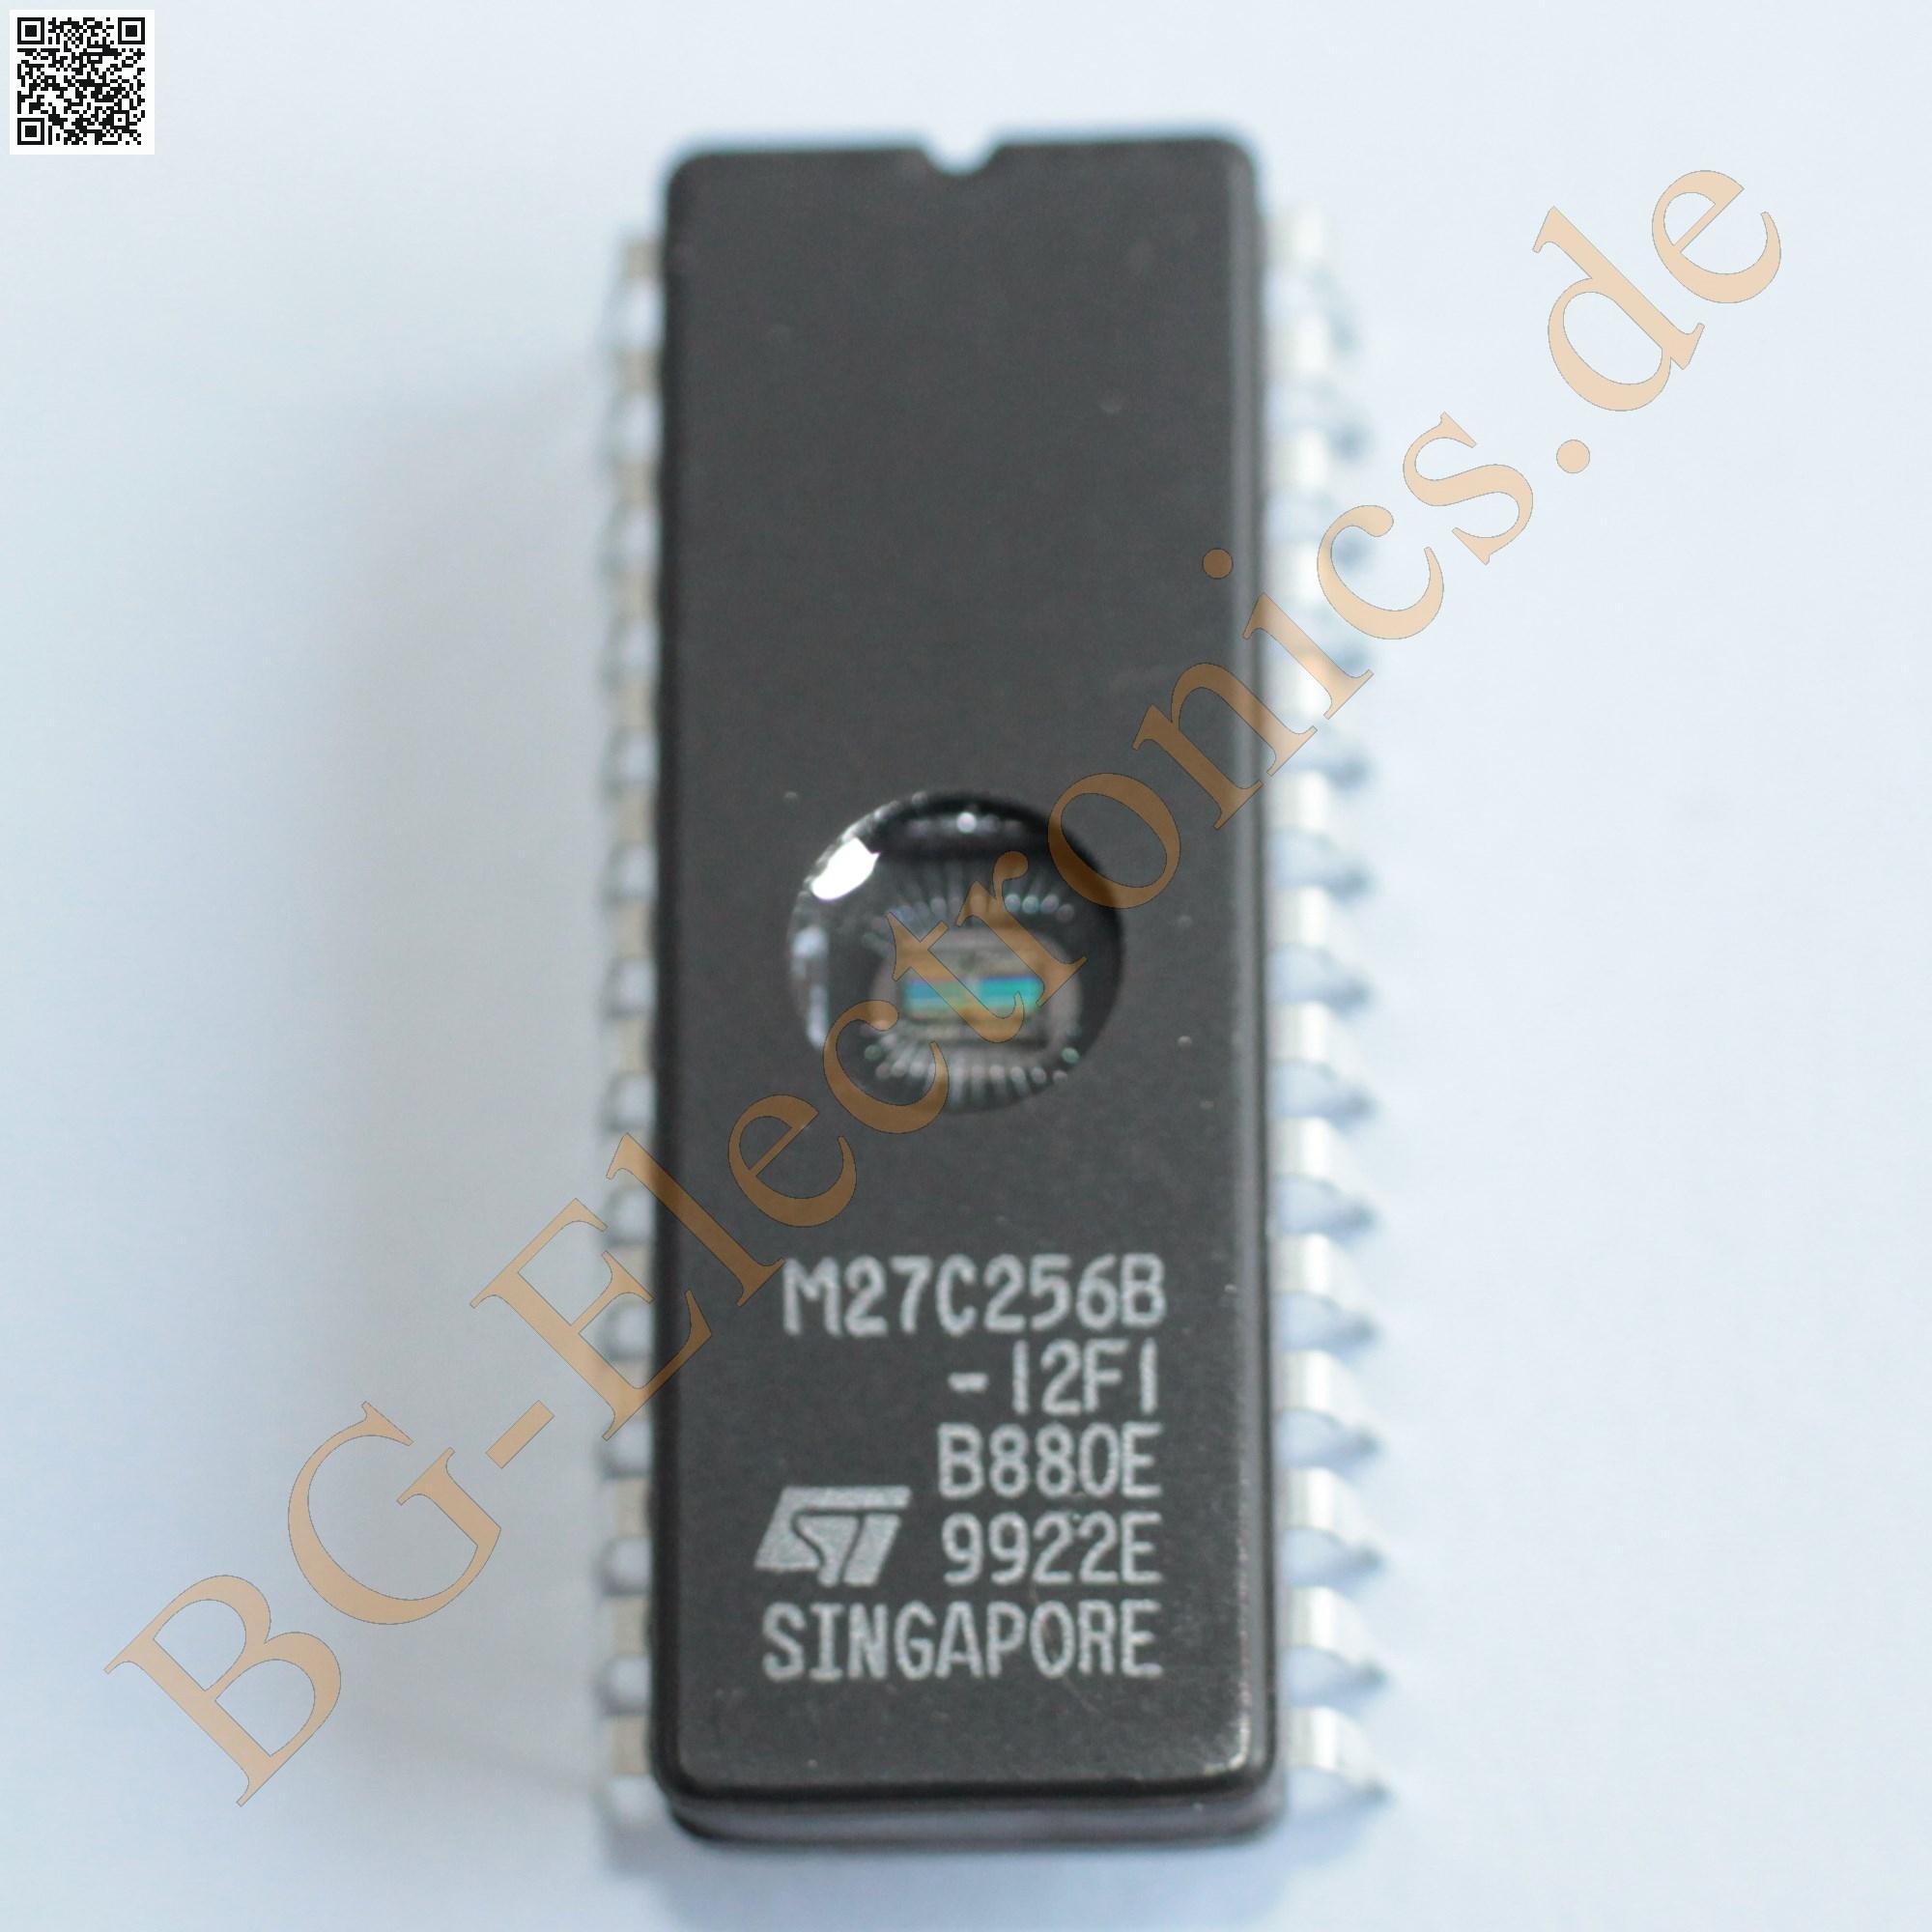 Omron Relé G6E-134P-US 24Vdc 2A OM0285H Enganche de relé SPDT señal no